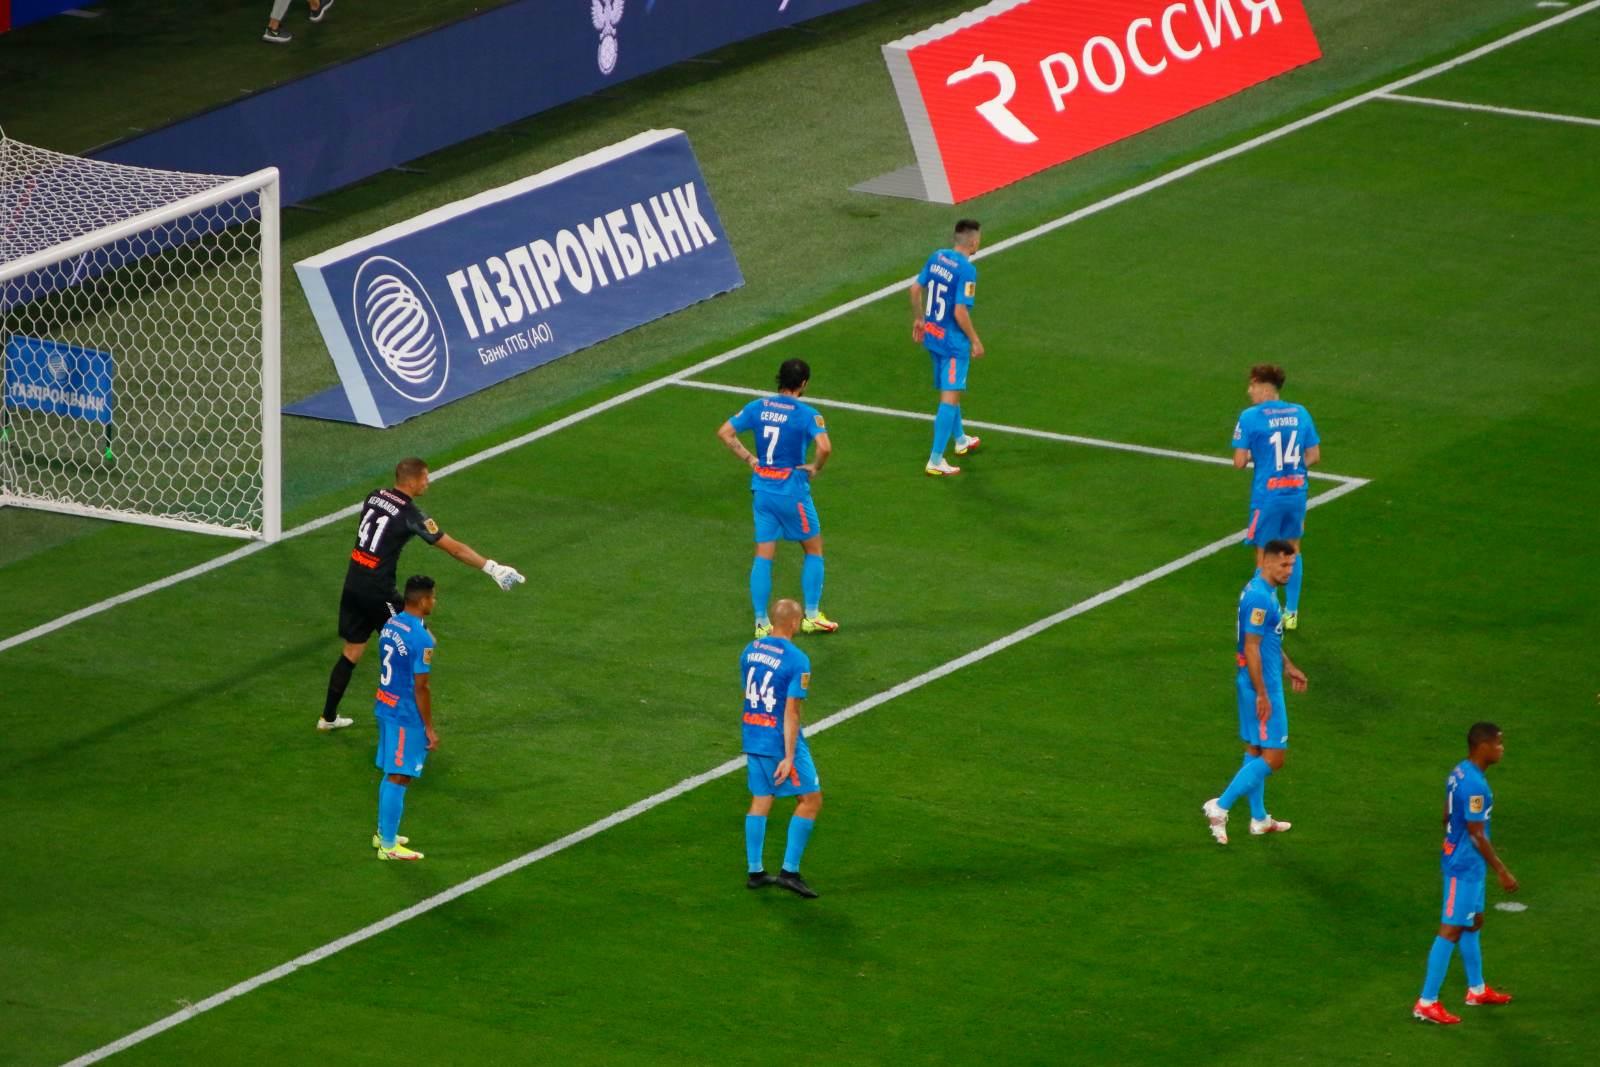 Лепëхин: «Надеюсь, что в матче с «Ювентусом» игра «Зенита» тоже будет достойной»